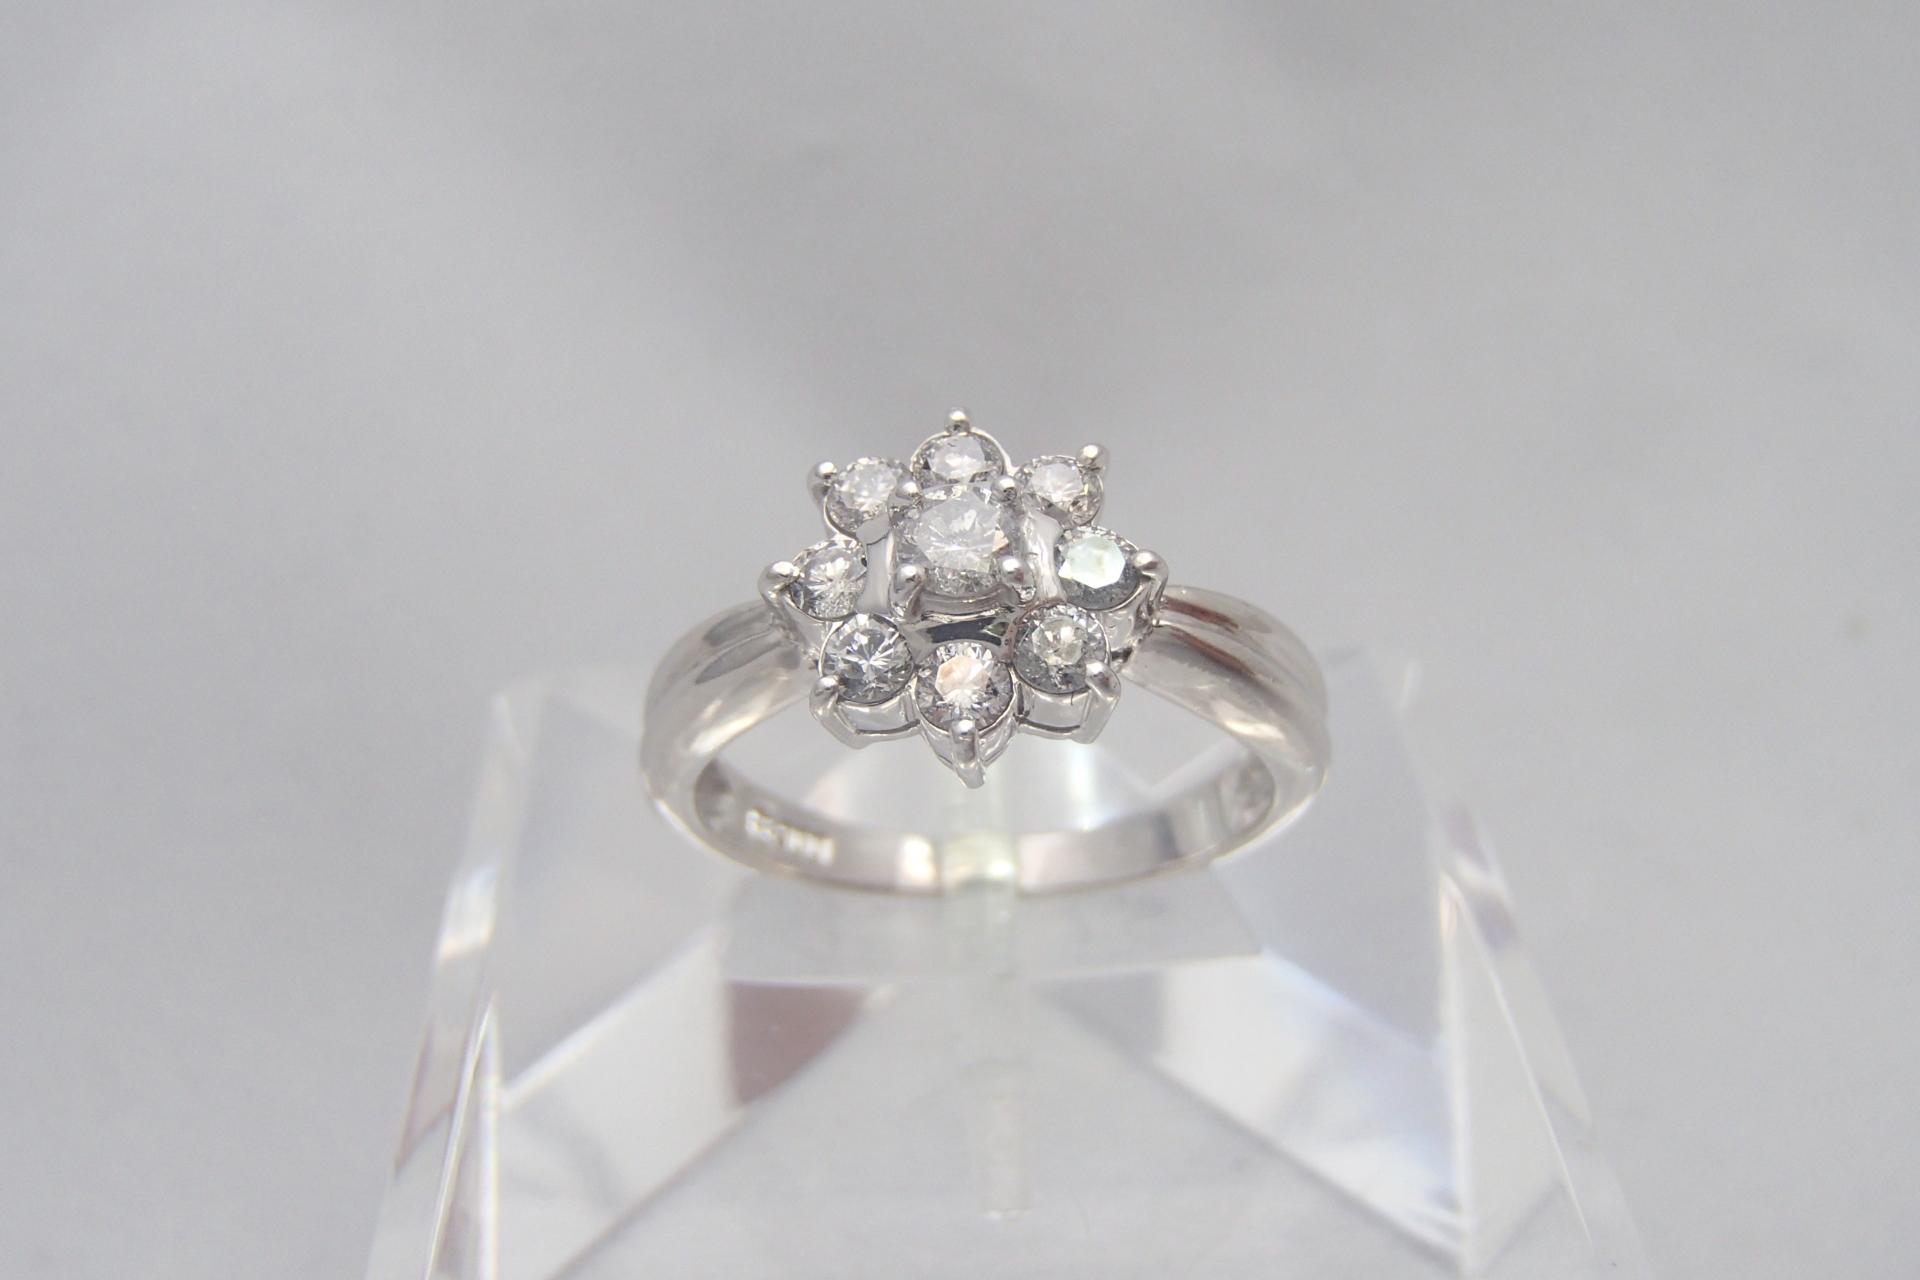 ダイヤモンドは質にこだわりたいなら4Cとブランドに注目!